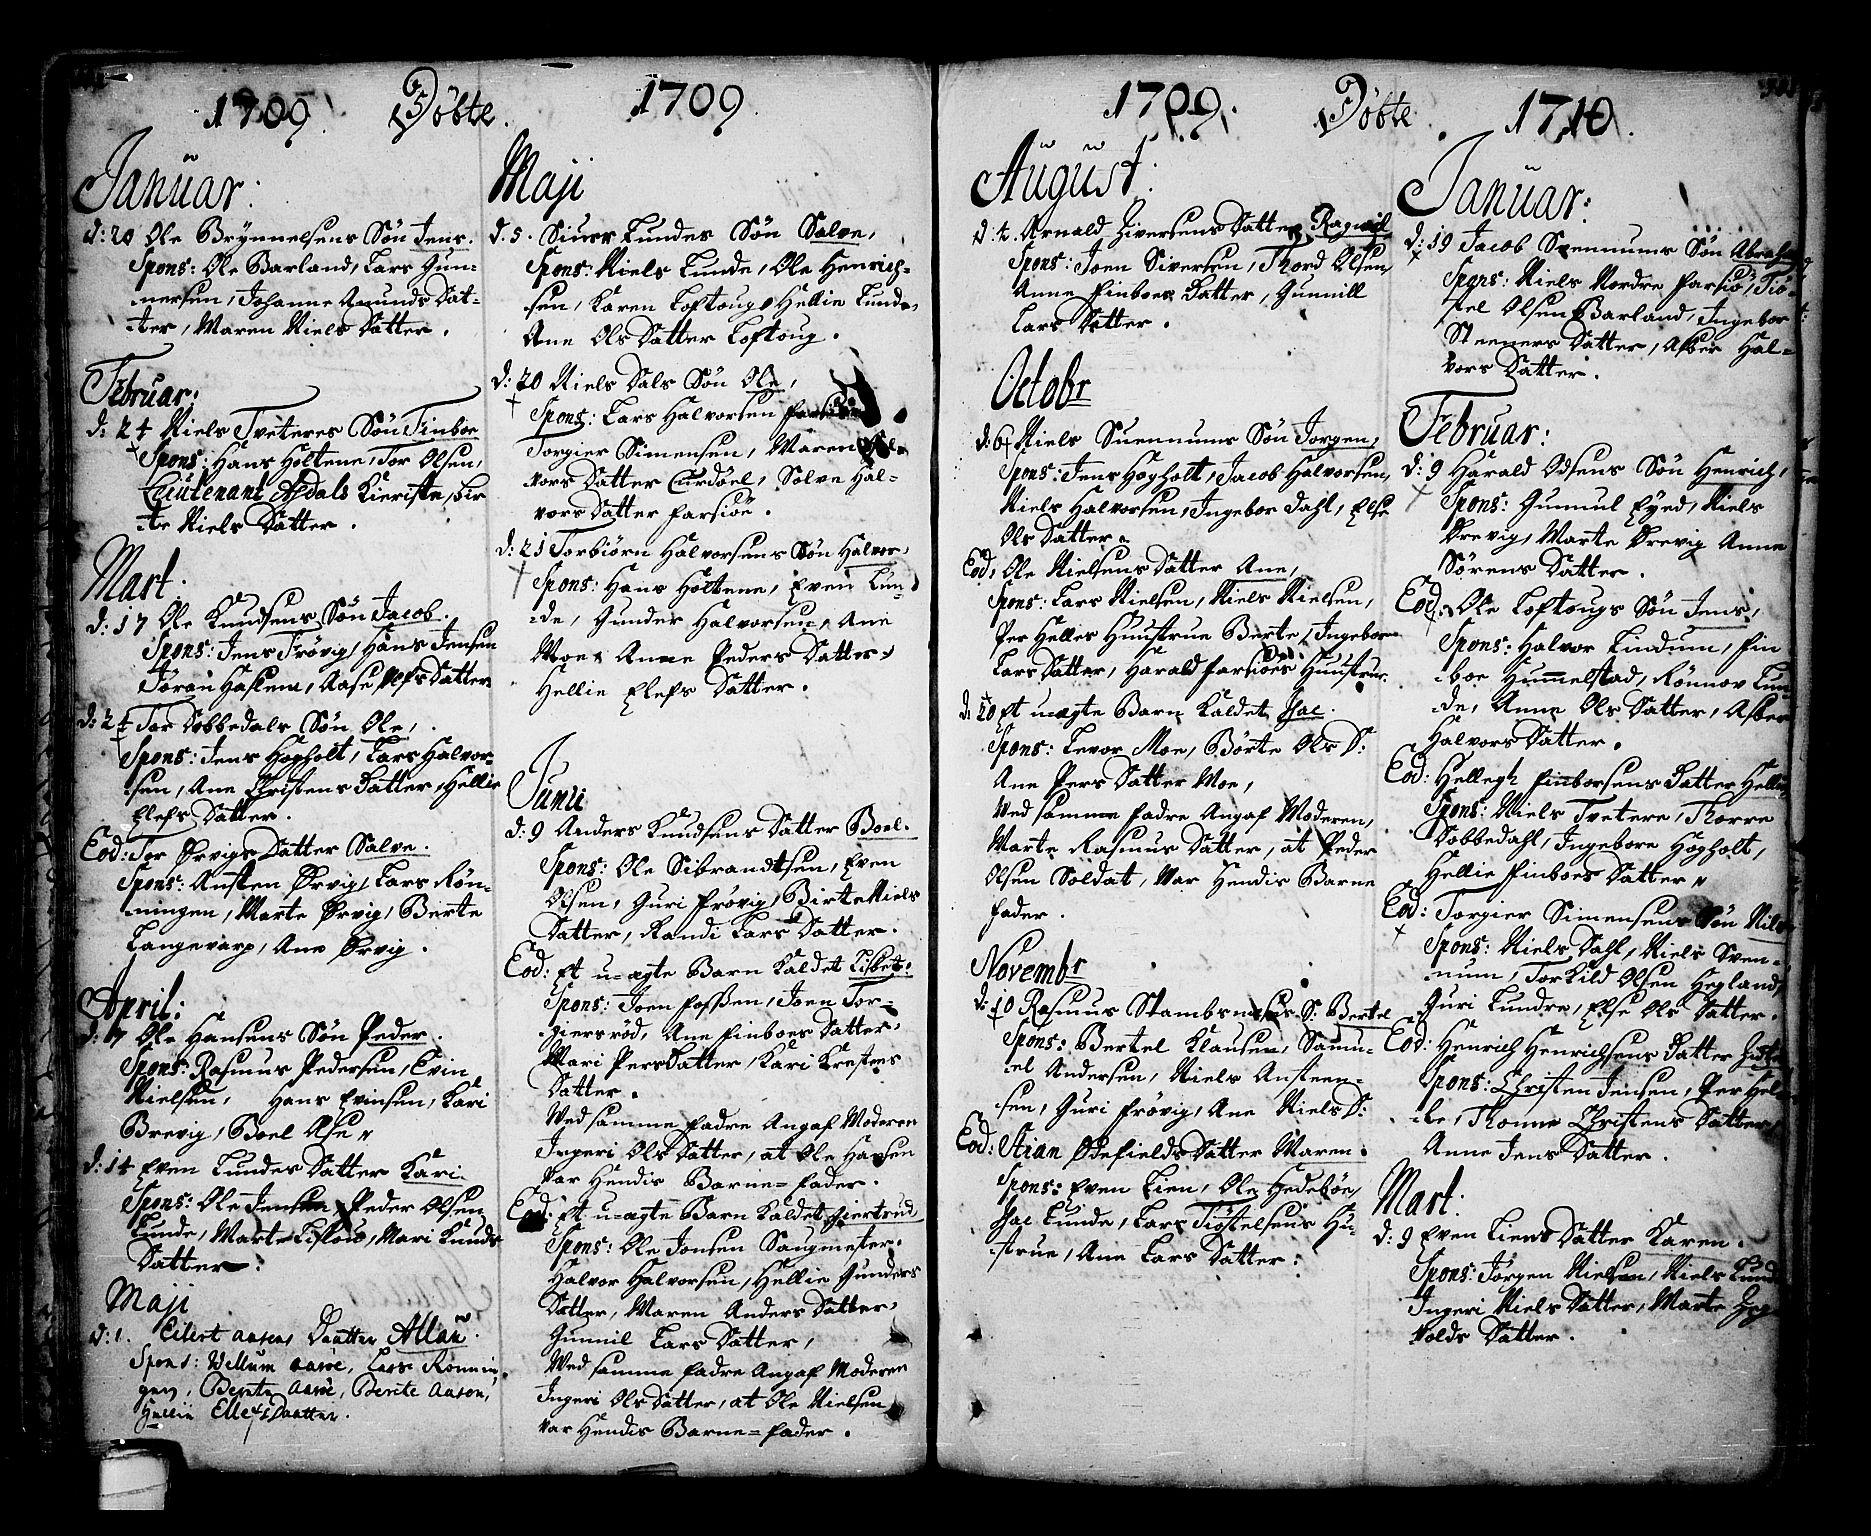 SAKO, Sannidal kirkebøker, F/Fa/L0001: Ministerialbok nr. 1, 1702-1766, s. 102-103